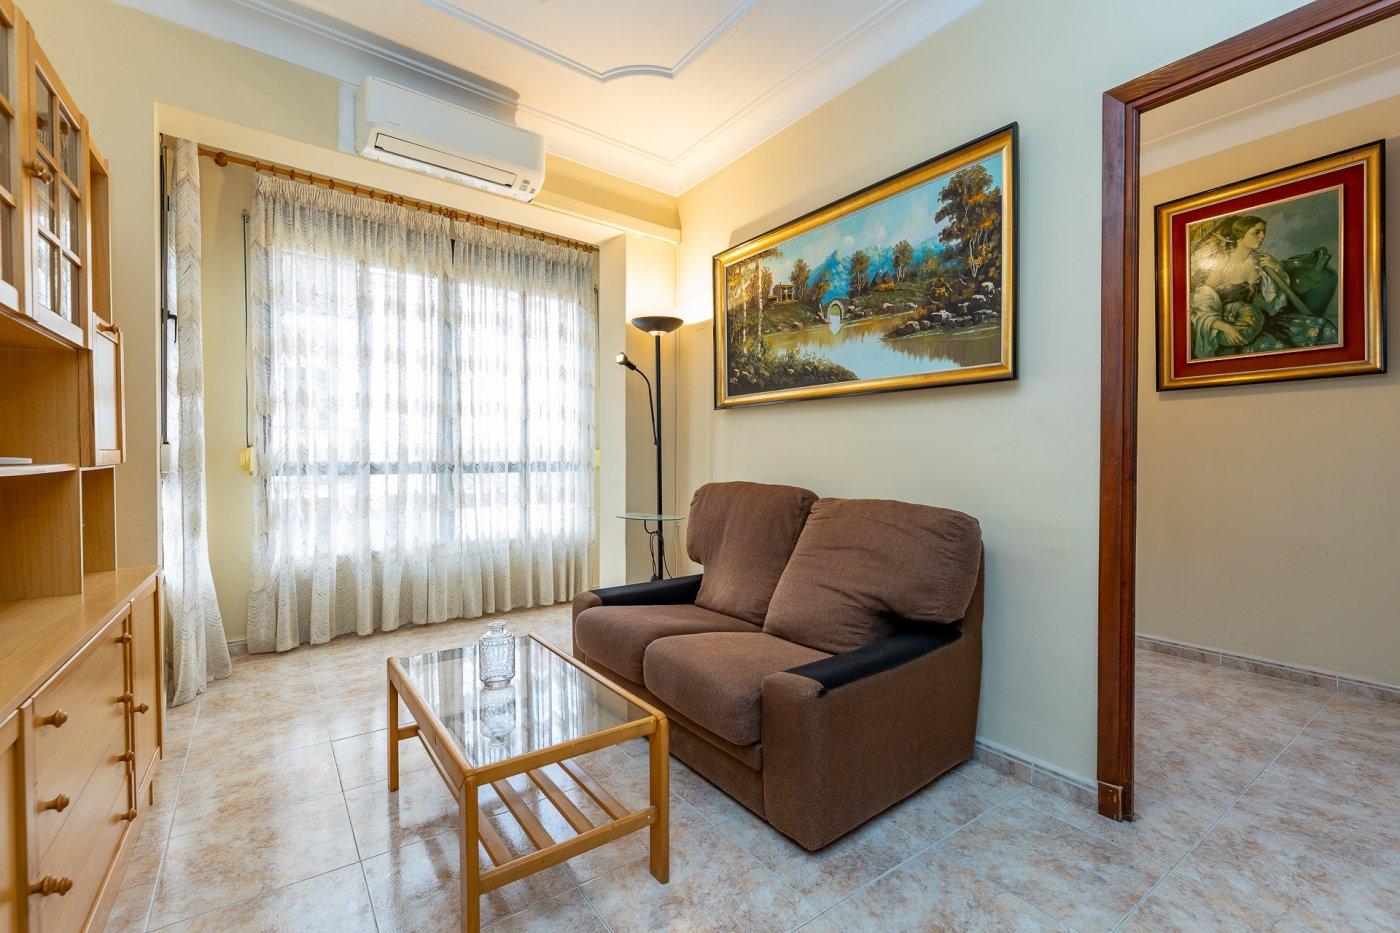 Primer piso de 107 m² de superficie en buen estado en la zona de camp redó, palma de mallo - imagenInmueble2